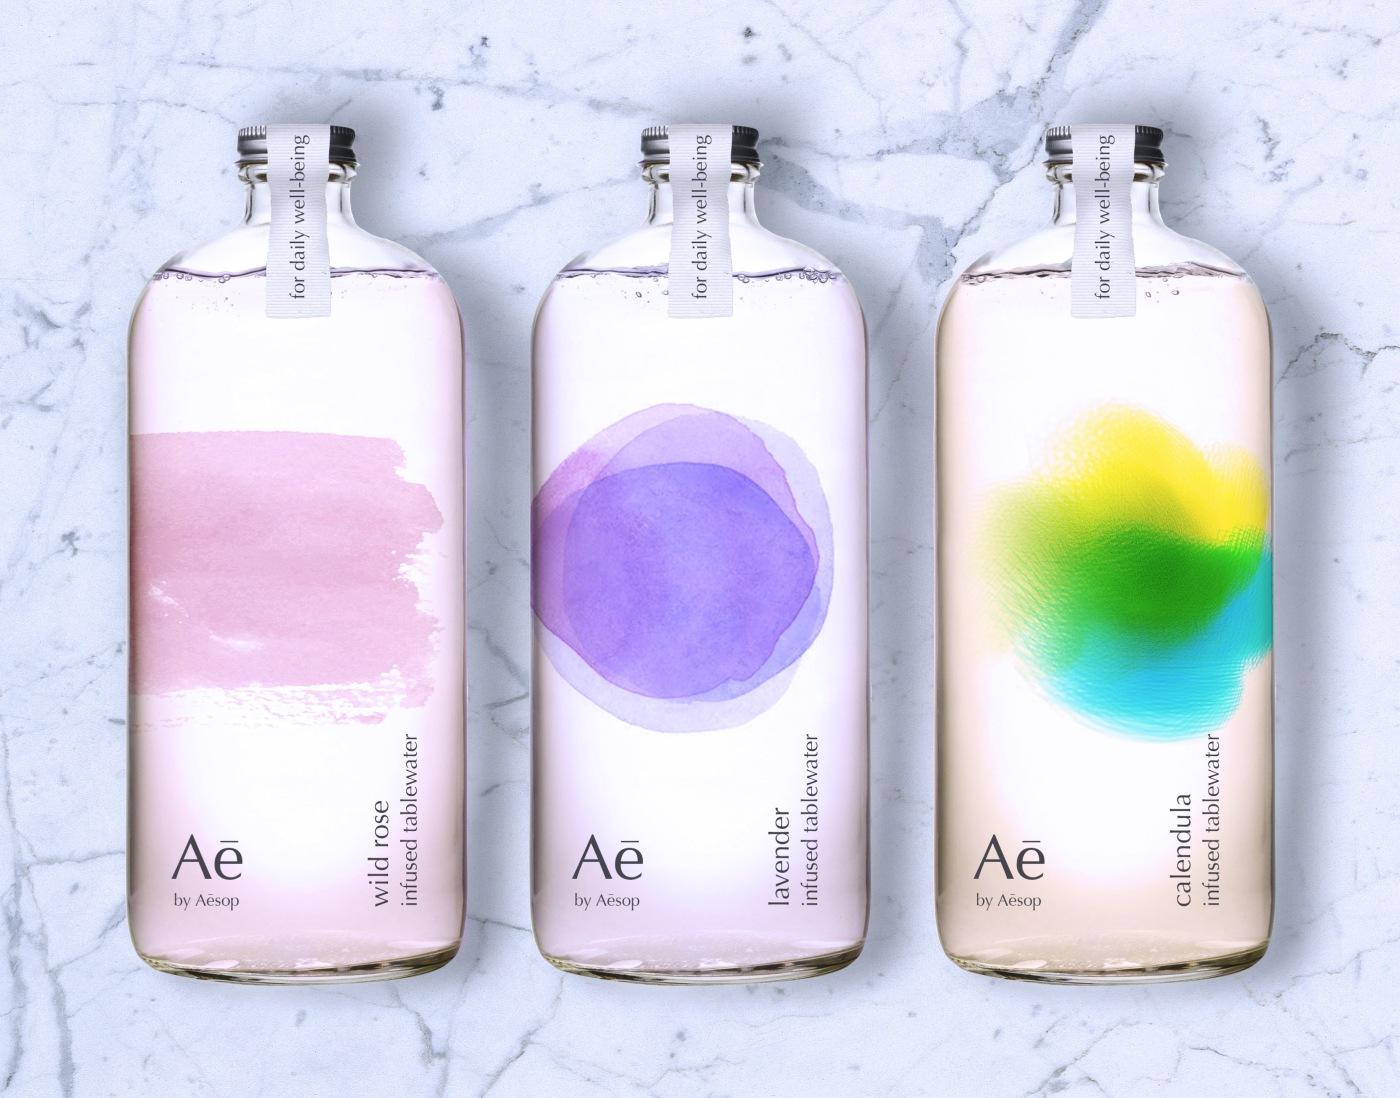 aesop_packaging_1